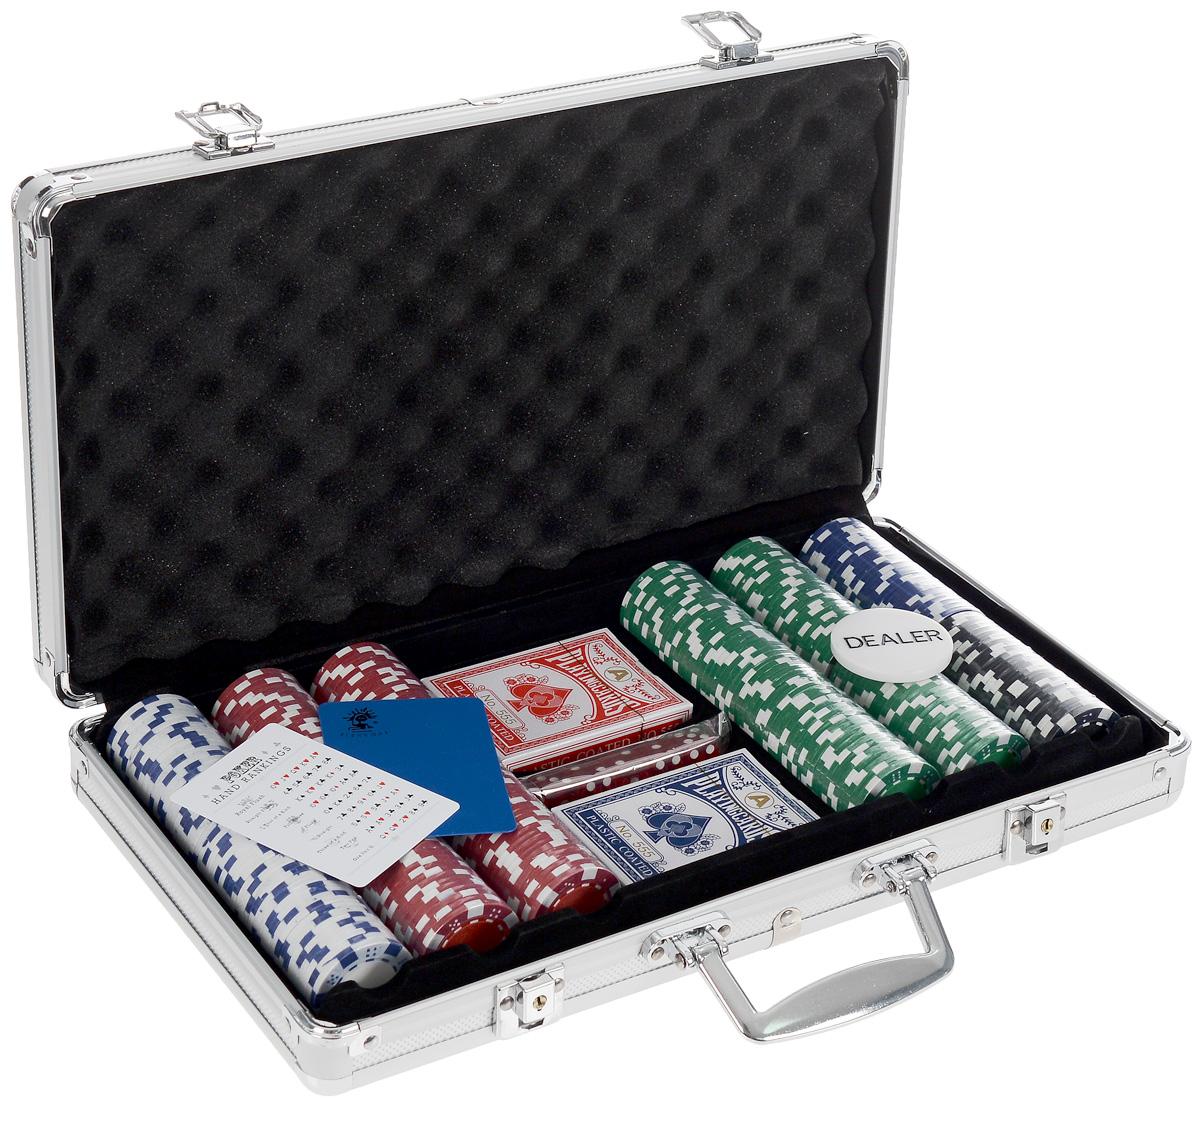 Набор для покера Nightman Dice 300, размер: 70х237х405 мм. УТ-00000453УТ-00000453Набор для игры в покер - то, что нужно для отличного проведения досуга. В комплект входит: 300 фишек без номинала, кнопка дилера, 2 колоды карт с пластиковым покрытием, подрезная карта, 5 кубиков. Предметы набора хранятся в металлическом кейсе, который закрывается на ключик. Для удобства переноски на кейсе имеется ручка. Такой набор станет отличным подарком для любителей покера. Покер (англ. poker) - карточная игра, цель которой - выиграть ставки, собрав как можно более высокую покерную комбинацию, используя 5 карт, или вынудив всех соперников прекратить участвовать в игре. Игра идет с полностью или частично закрытыми картами. Покер как карточная игра существует более 500 лет. Зародился он в Европе: в Испании, Франции, Италии. С течением времени правила покера менялись. Первые письменные упоминания о современном варианте покера появляются в 1829 году в мемуарах артиста Джо Кауэла. Размер колоды: 6,5 см x 9 см х 2 см. Диаметр игровой...